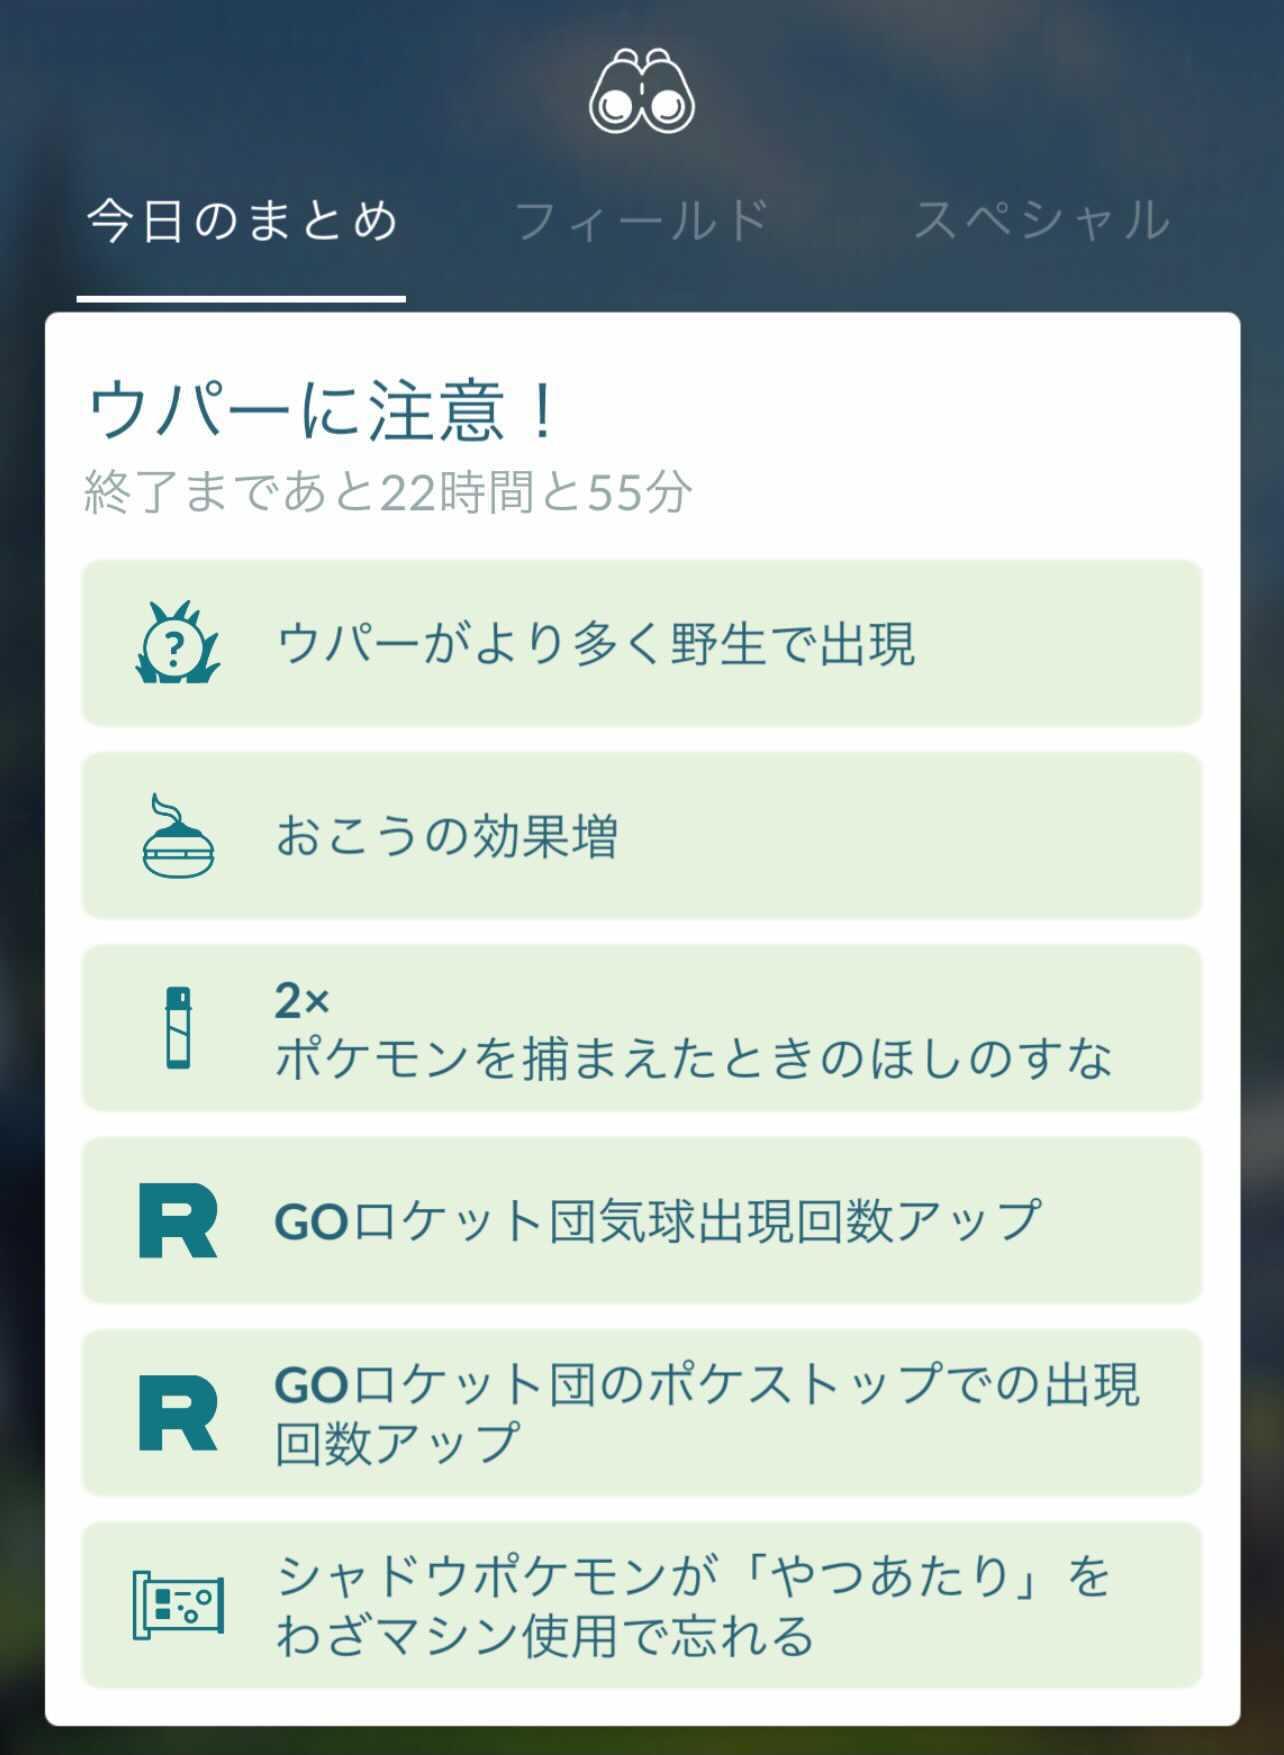 スペシャル 技 ポケモン go おすすめ マシン